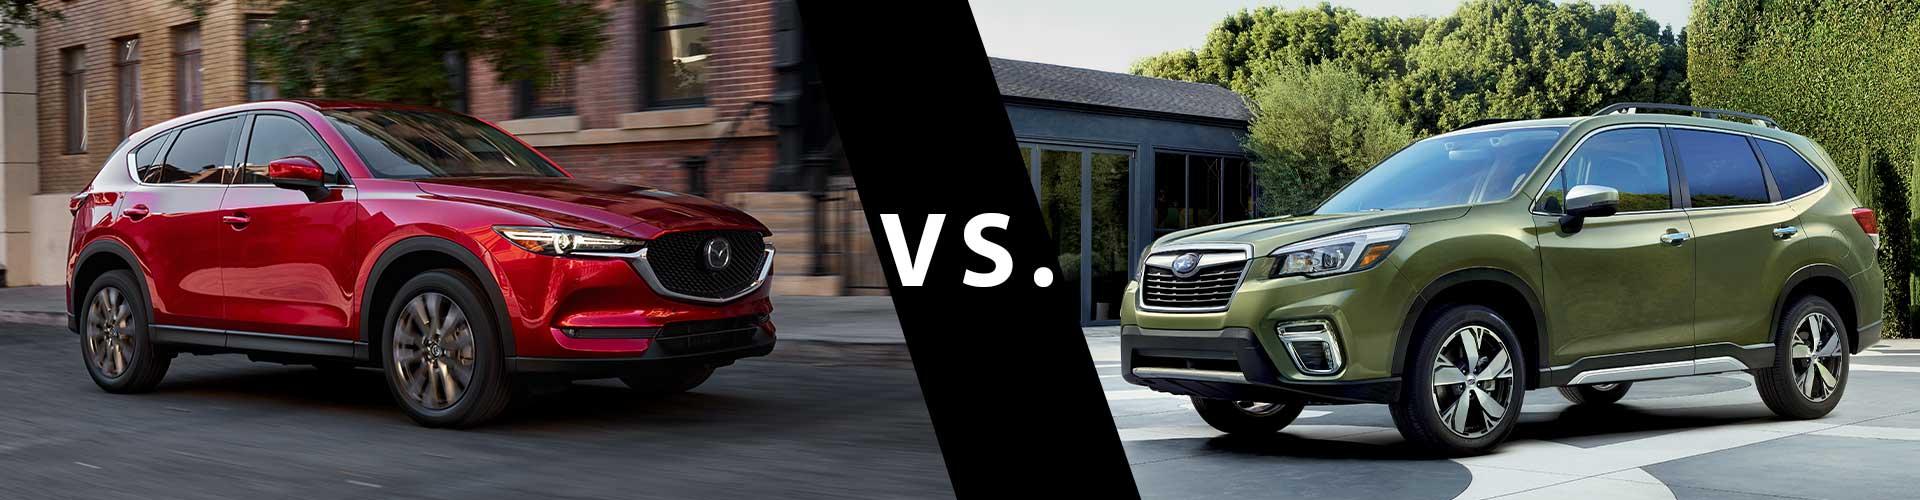 Mazda Dealership Md >> Mazda Vs Subaru Preston Mazda My Local Mazda Dealership